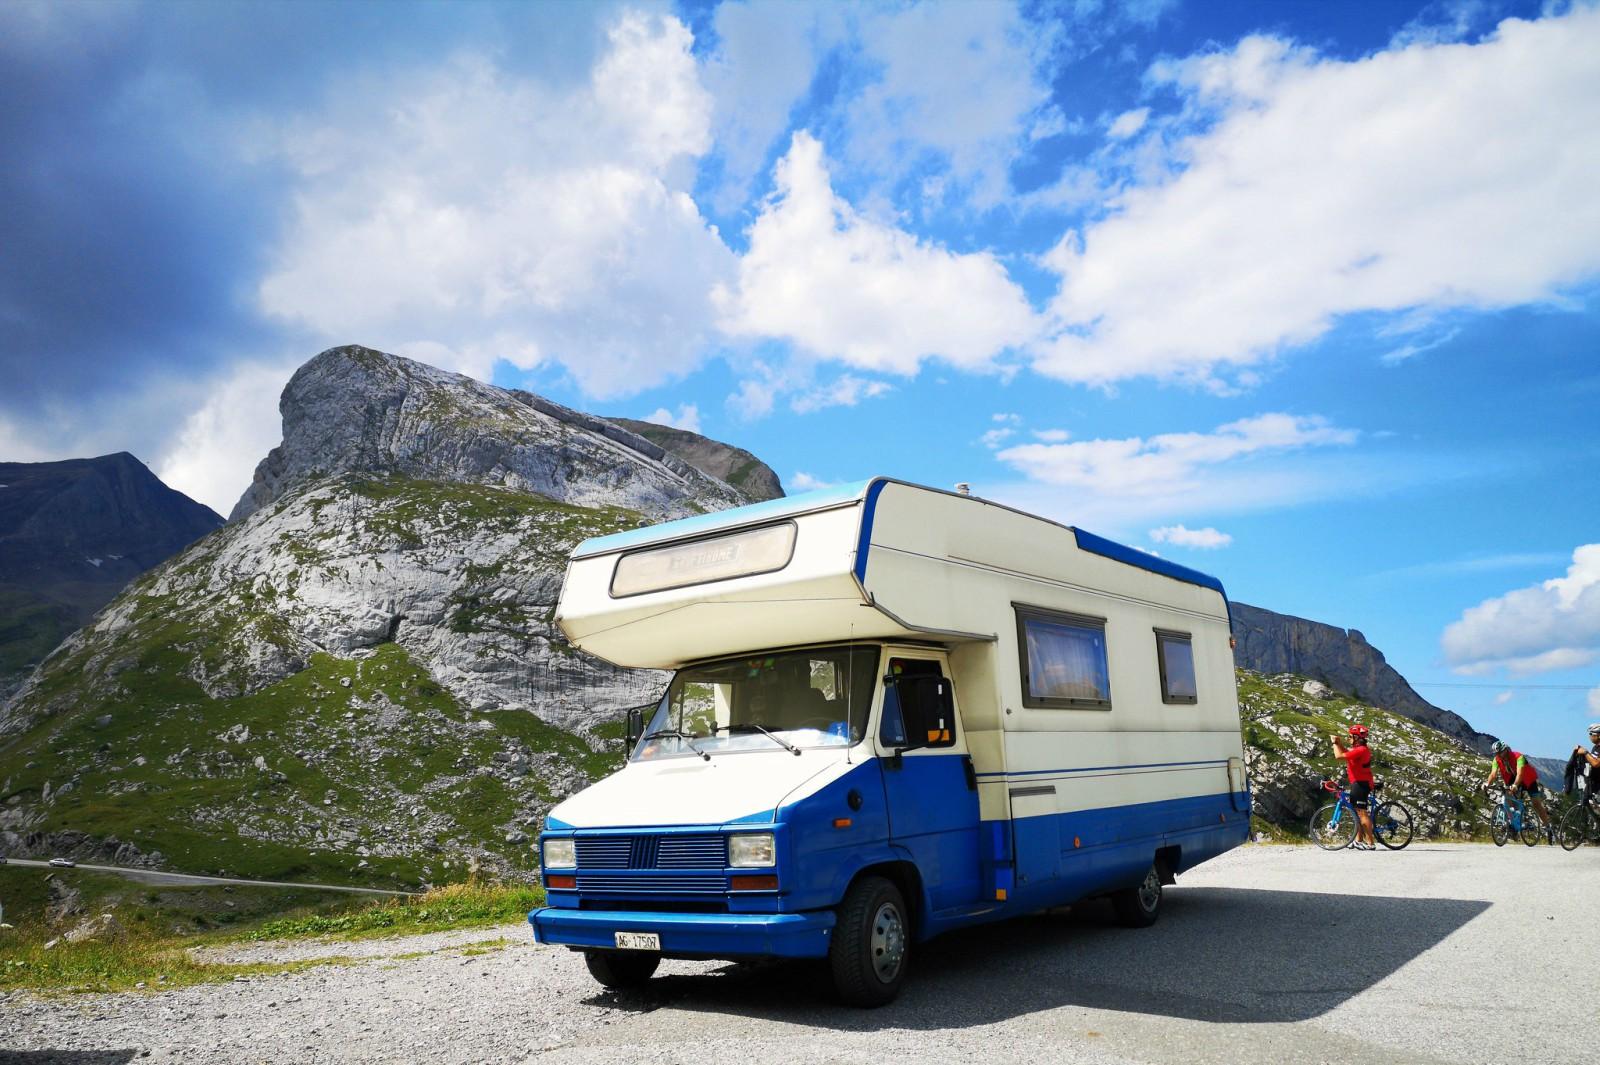 Il primo viaggio in camper può essere indimenticabile, a patto di scegliere una meta all'altezza